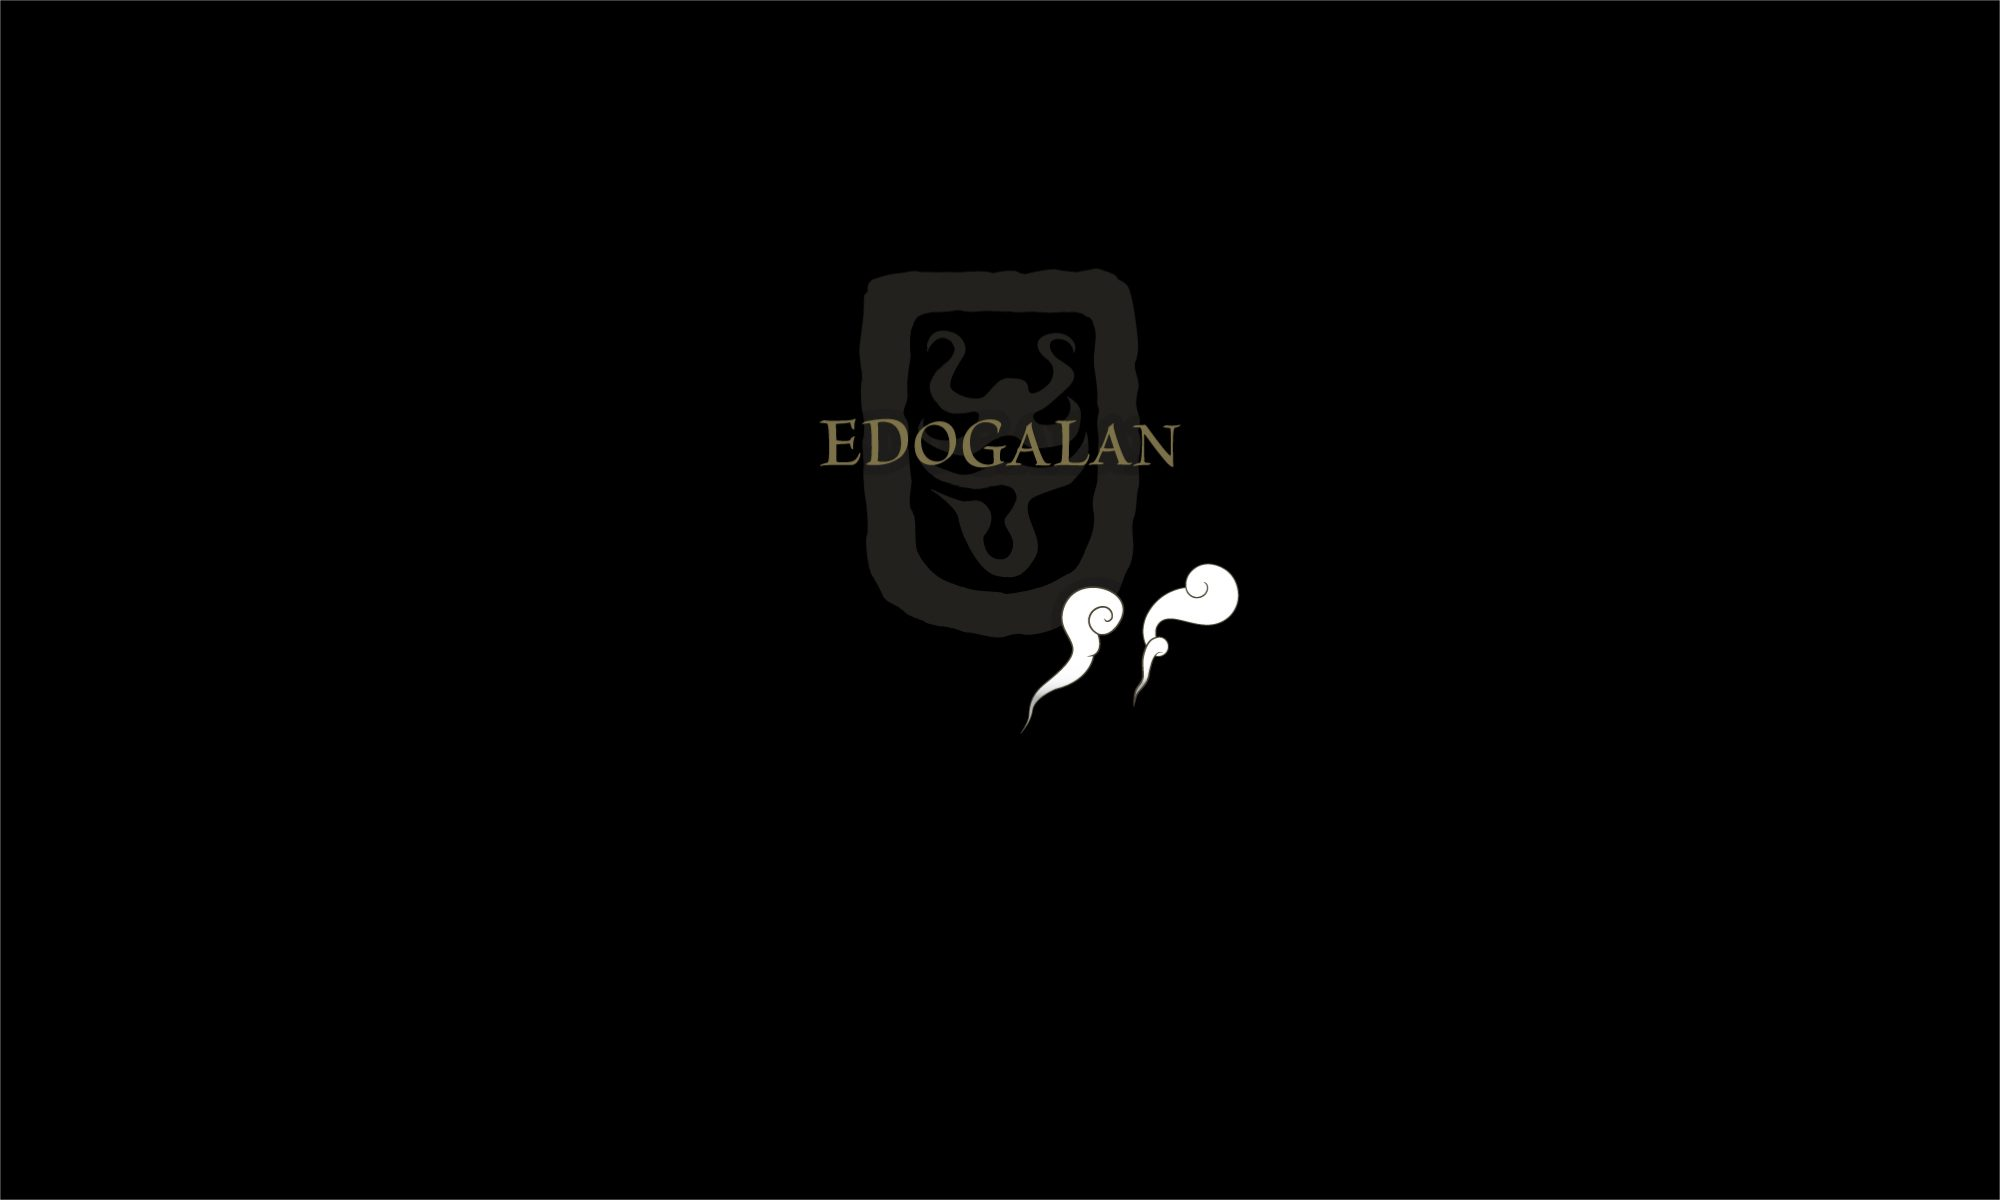 EDOGALAN